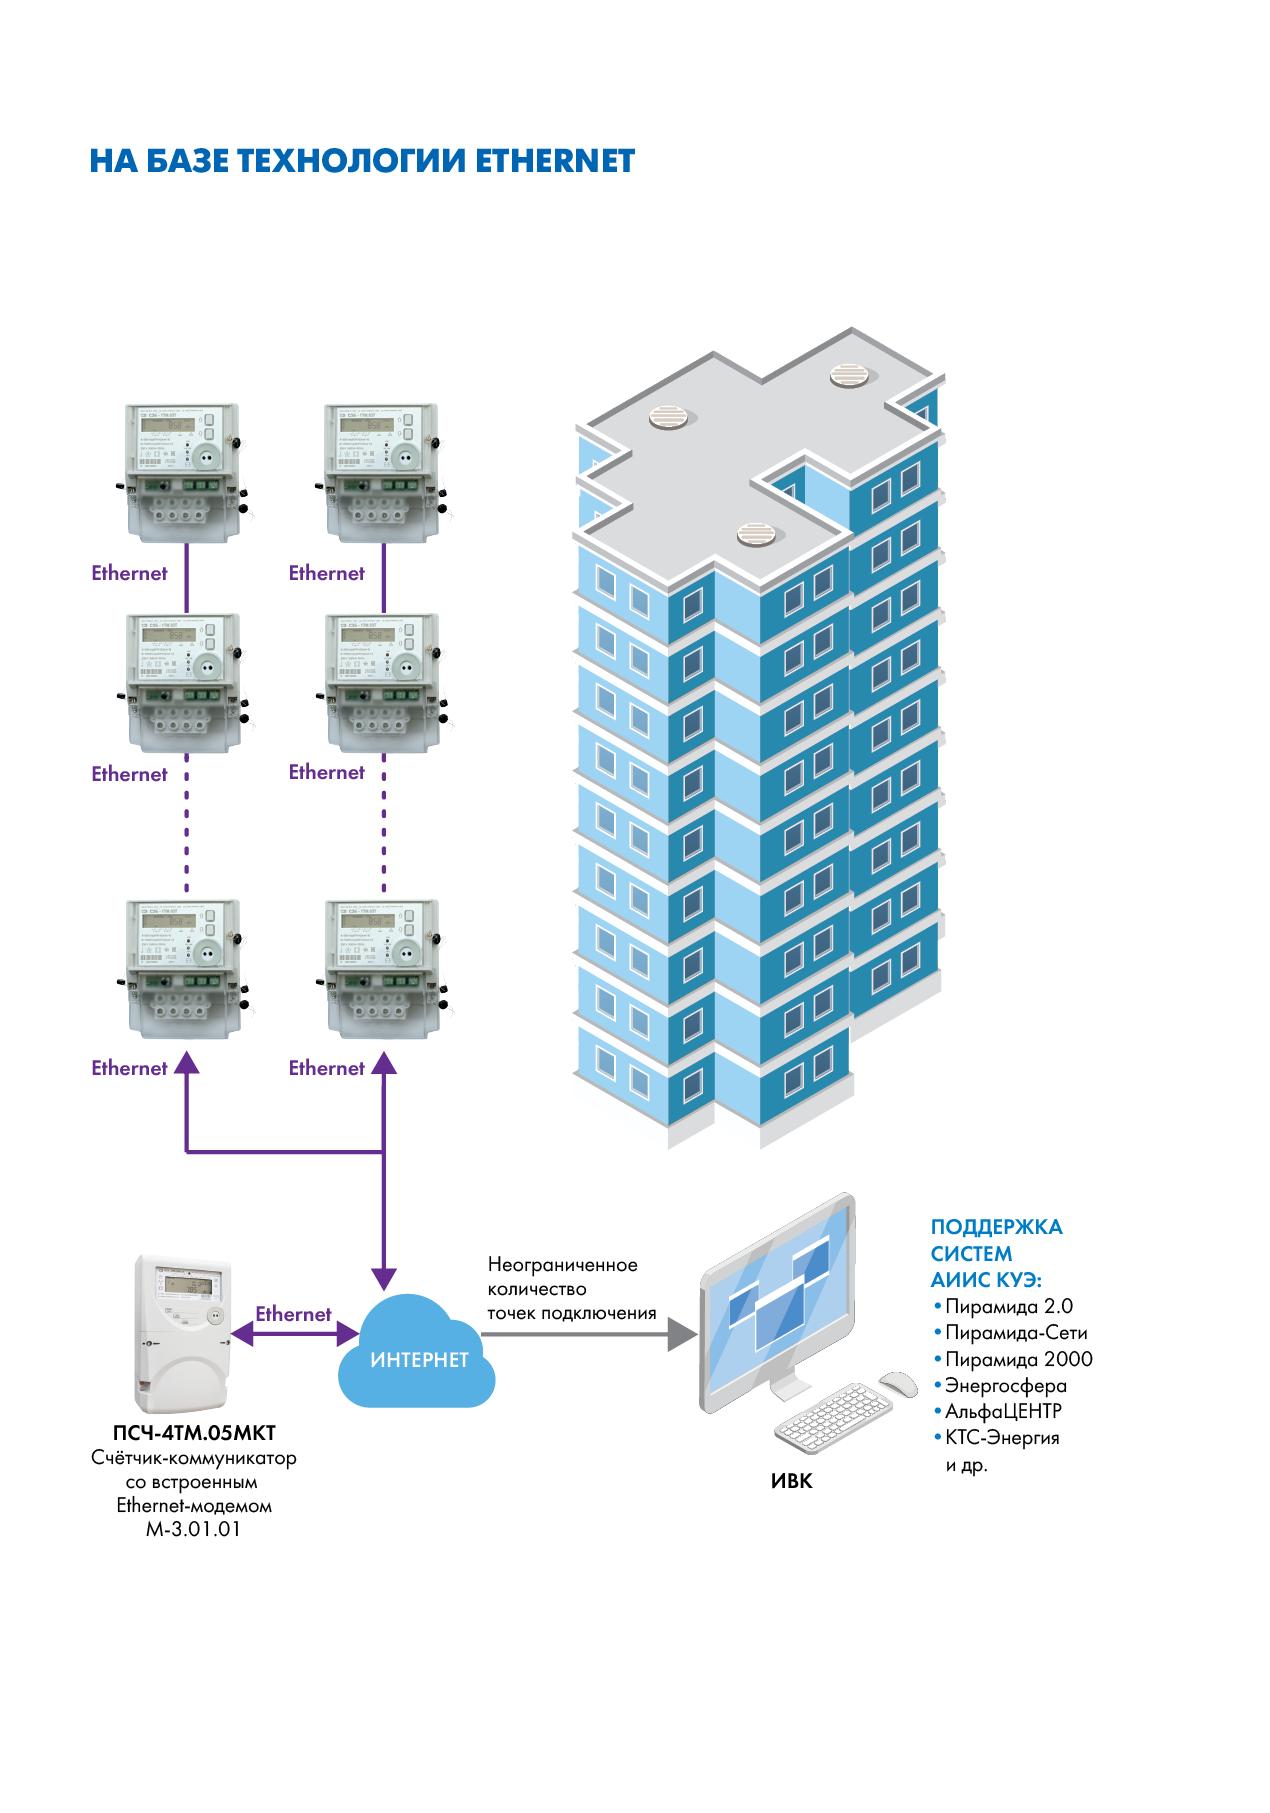 Организация сбора информации со счетчиков электрической энергии на базе технологии Ethernet (сети GSM/UMTS/LTE)